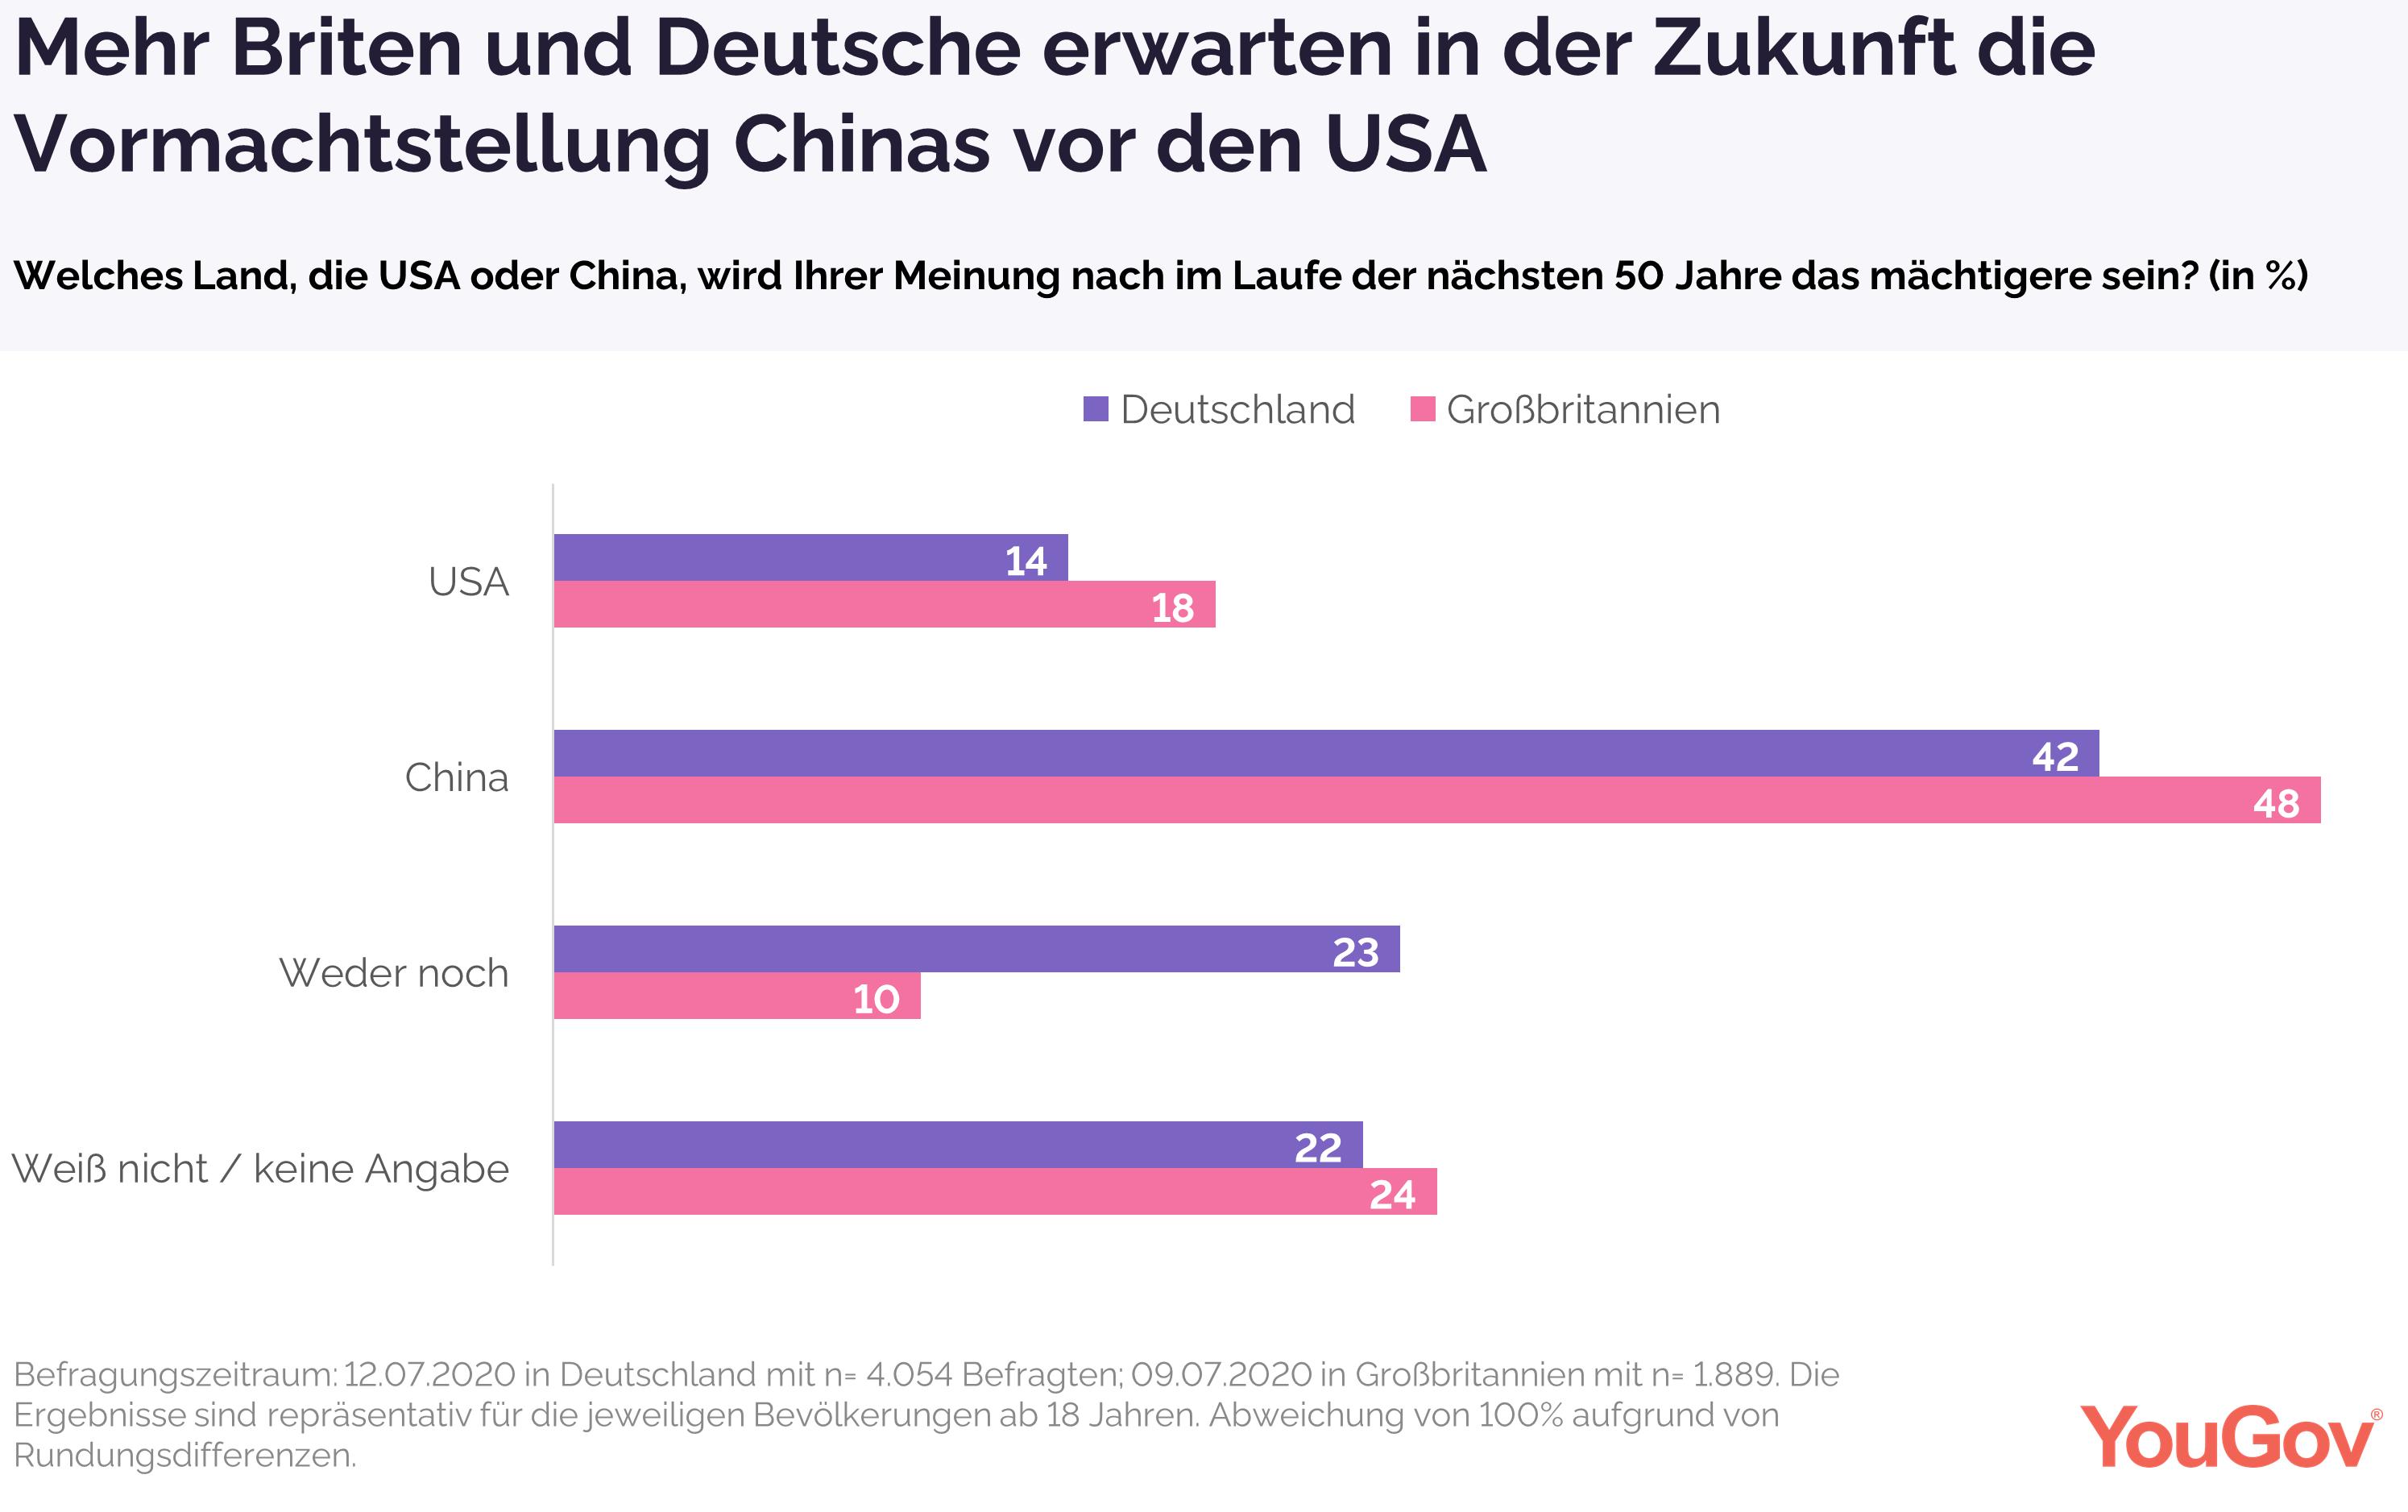 sowohl Briten als auch Deutsche sehen China in Vormachtstellung